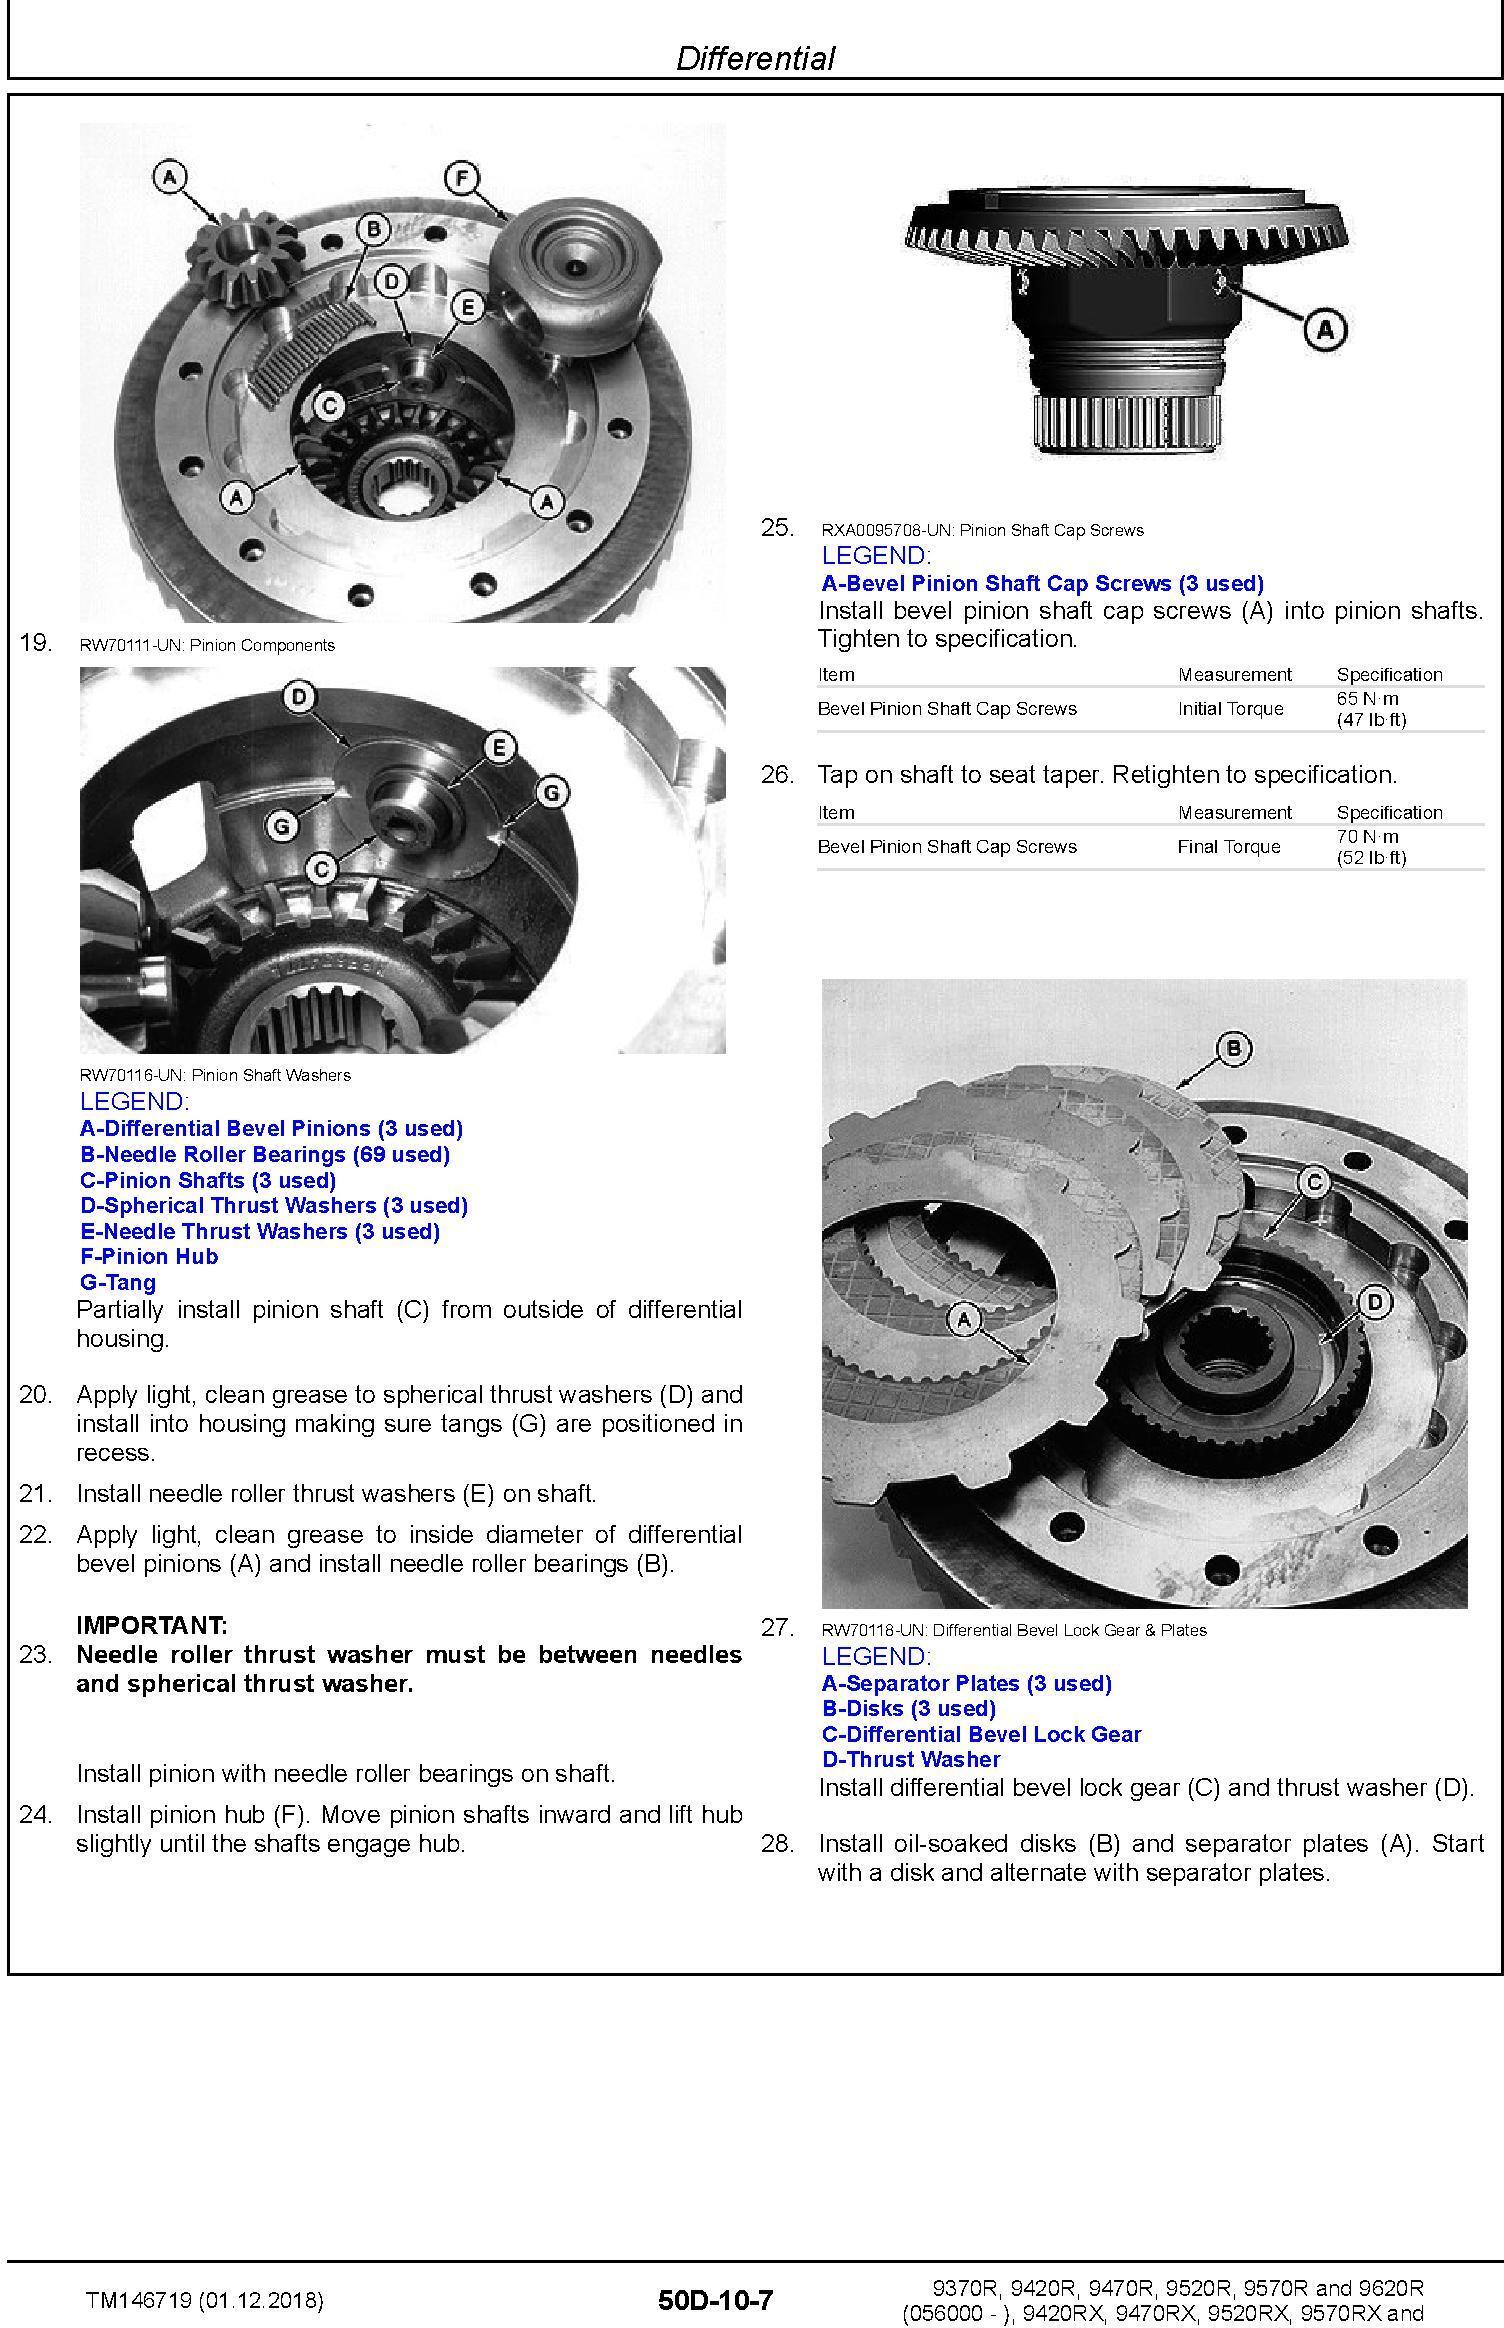 John Deere 9370R 9420R/RX 9470R/RX 9520R/RX 9570R/RX 9620R/RX Tractors Repair Manual (TM146719) - 2